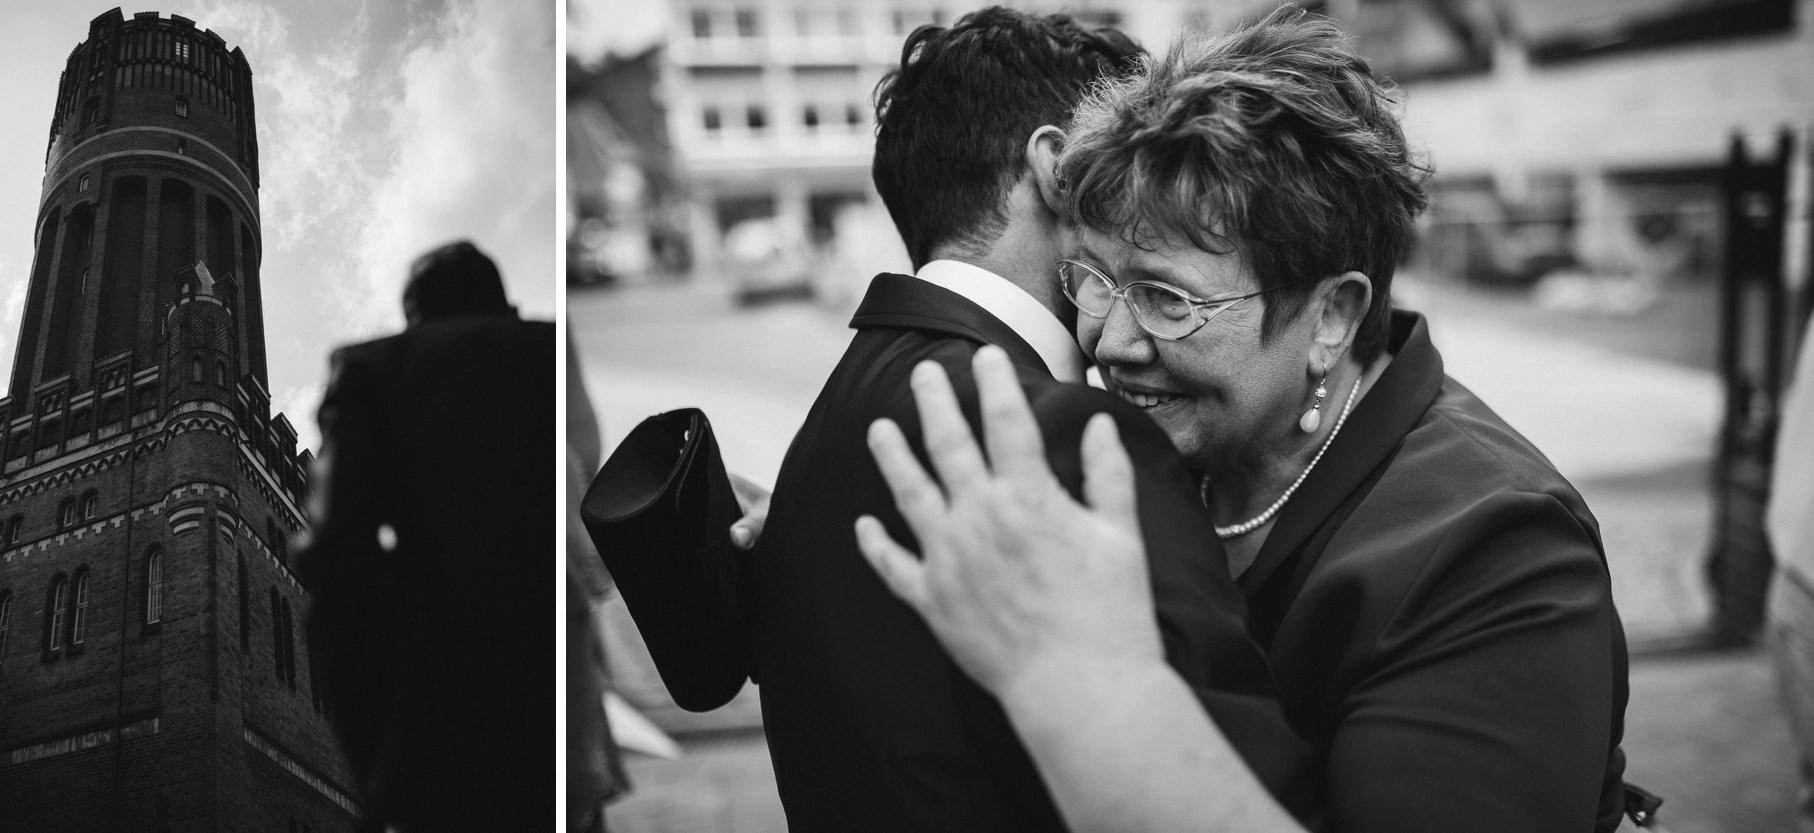 0019 jus 811 9303 - Hochzeit im Wasserturm Lüneburg - Jenny & Sascha